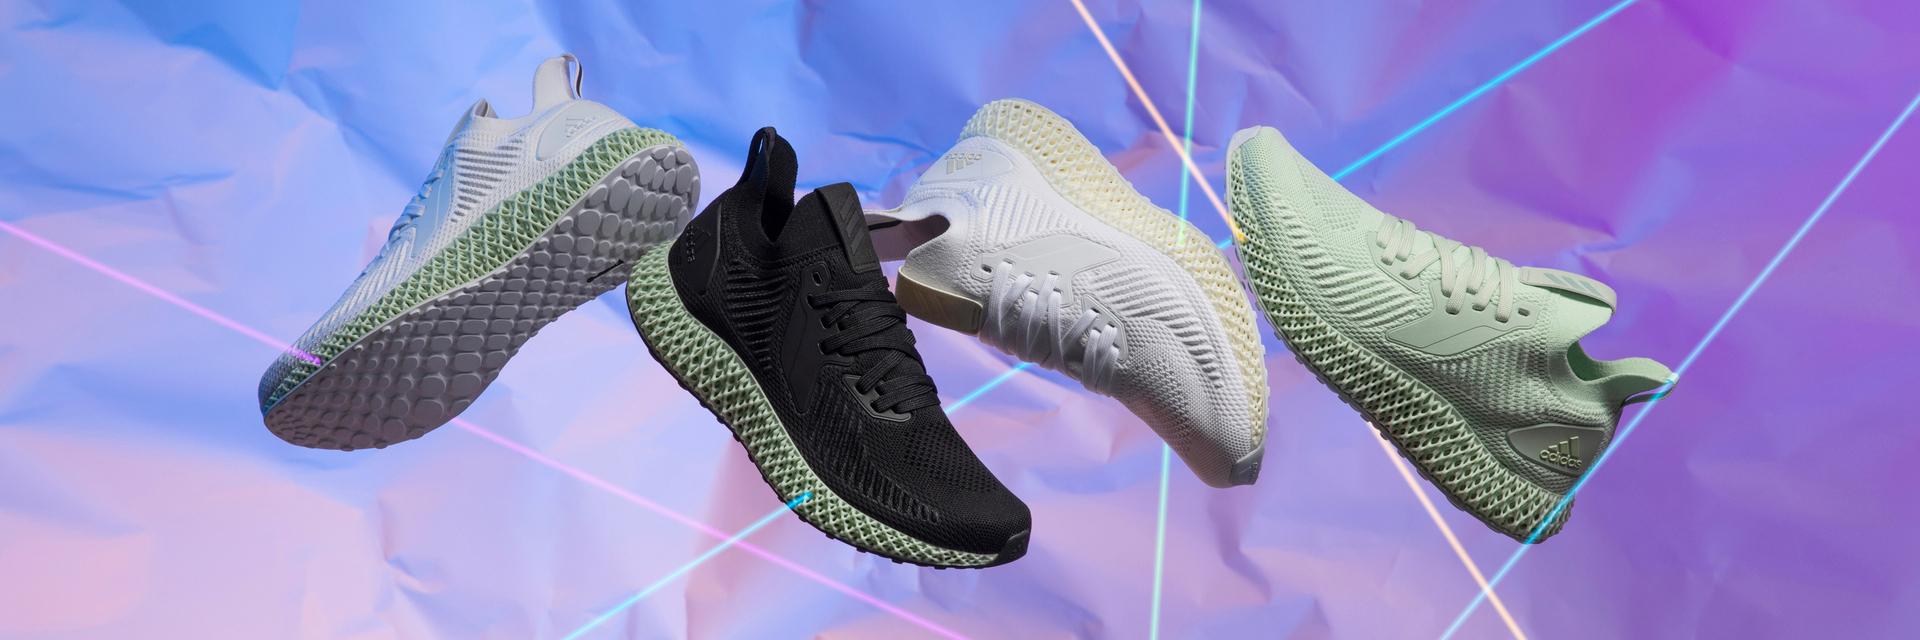 顛覆大作再出擊!adidas 4D 異形中底,嶄新「黑」色踏入未來!